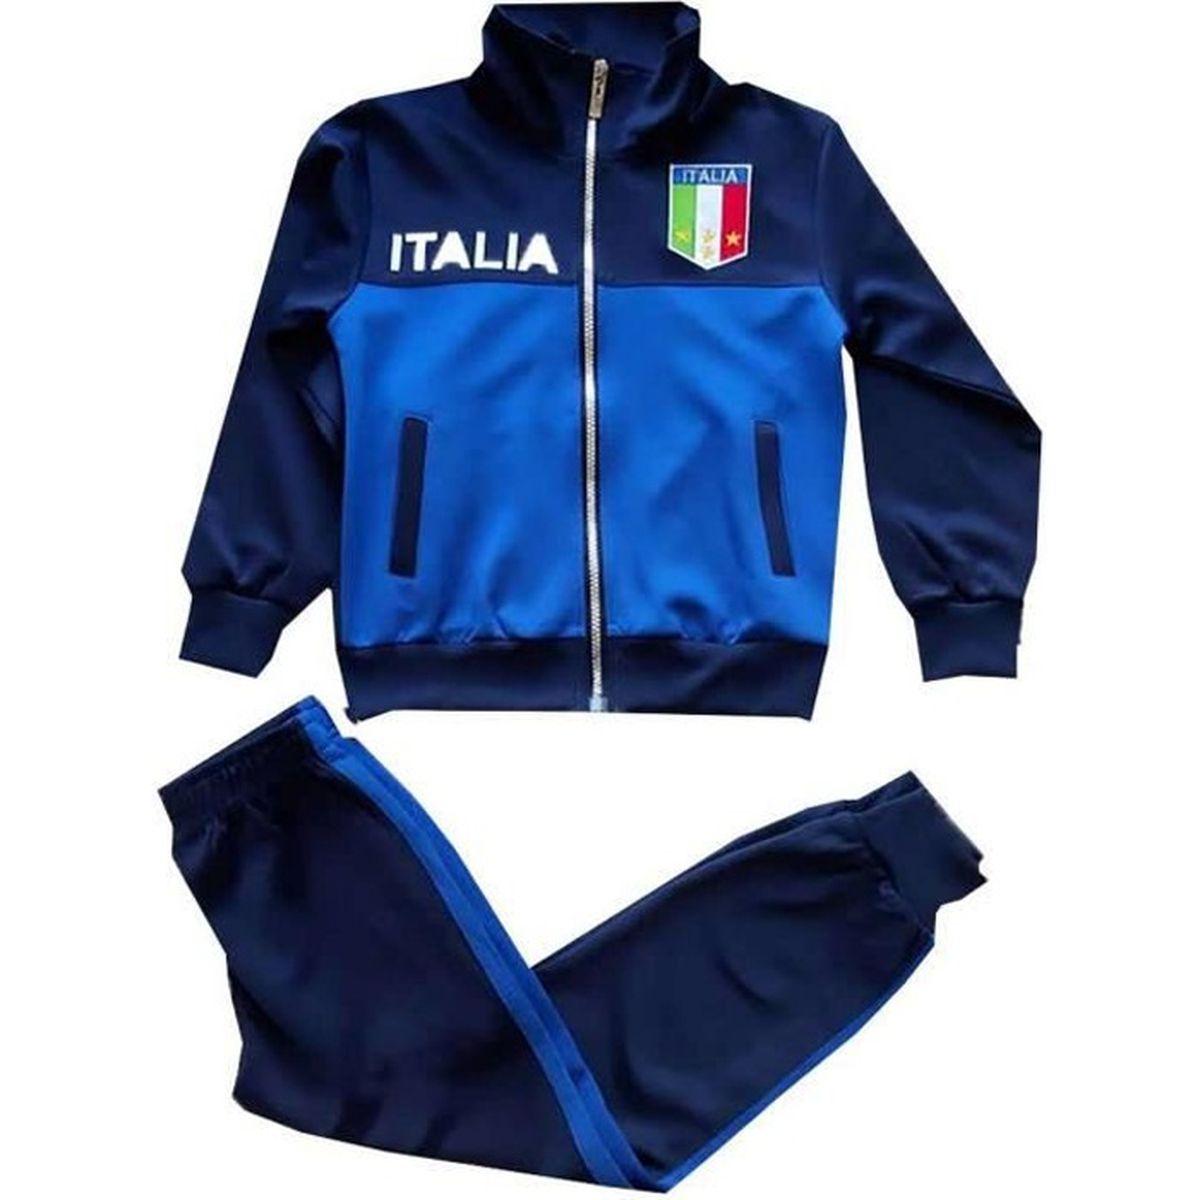 NPZ - Survêtement jogging enfant de l'Italie